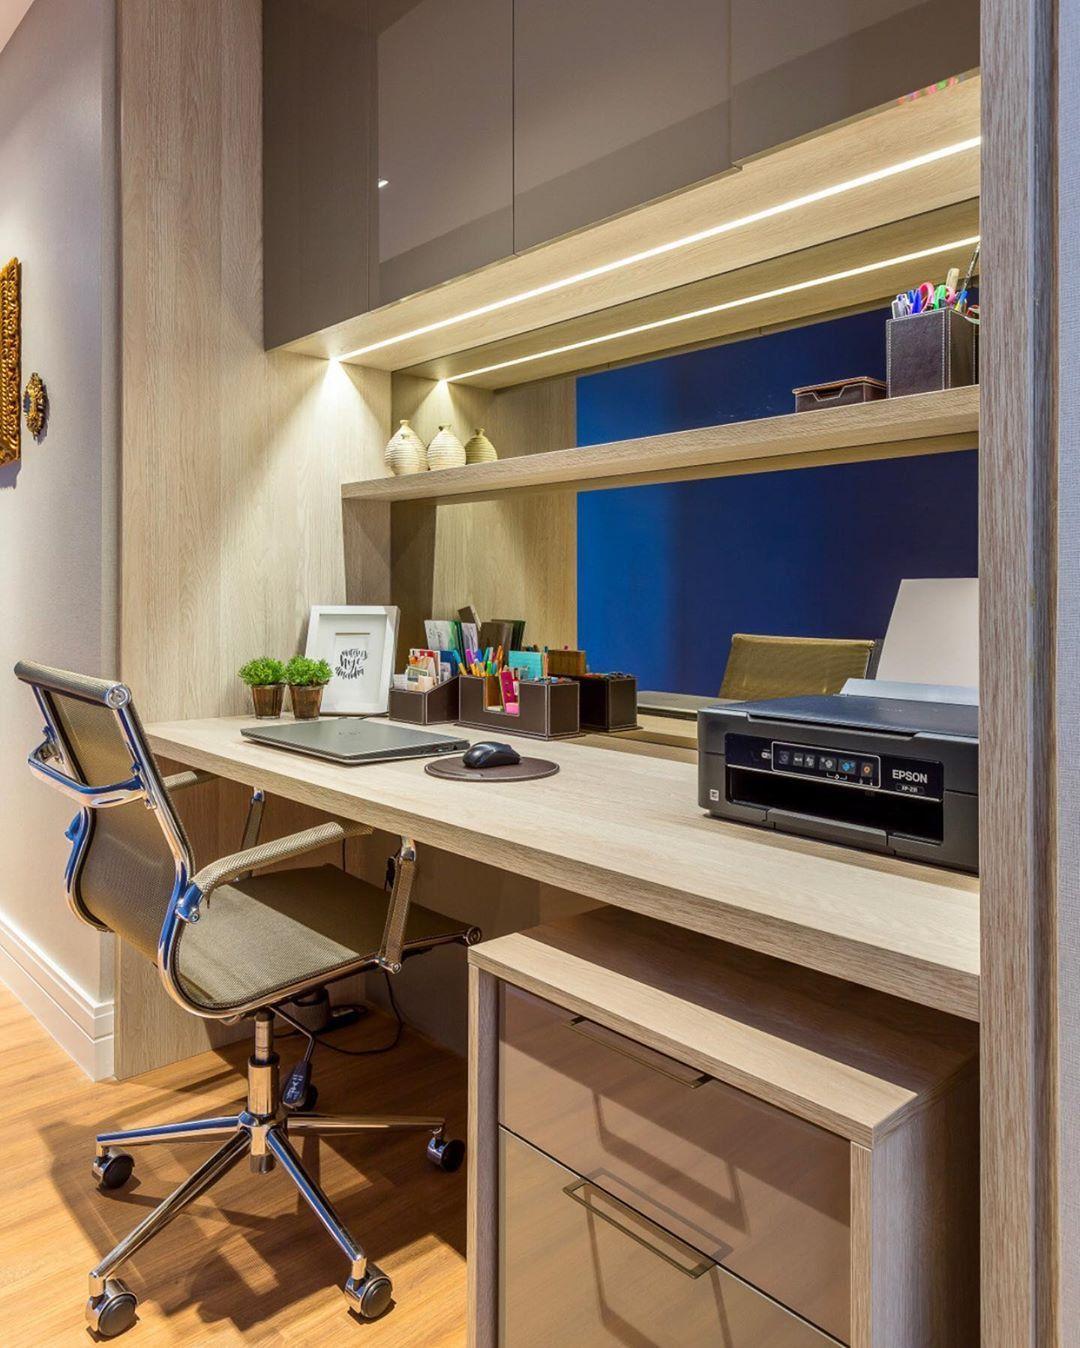 2020 的 55 Home Office Ideas That Will Make You Want To Work 主题